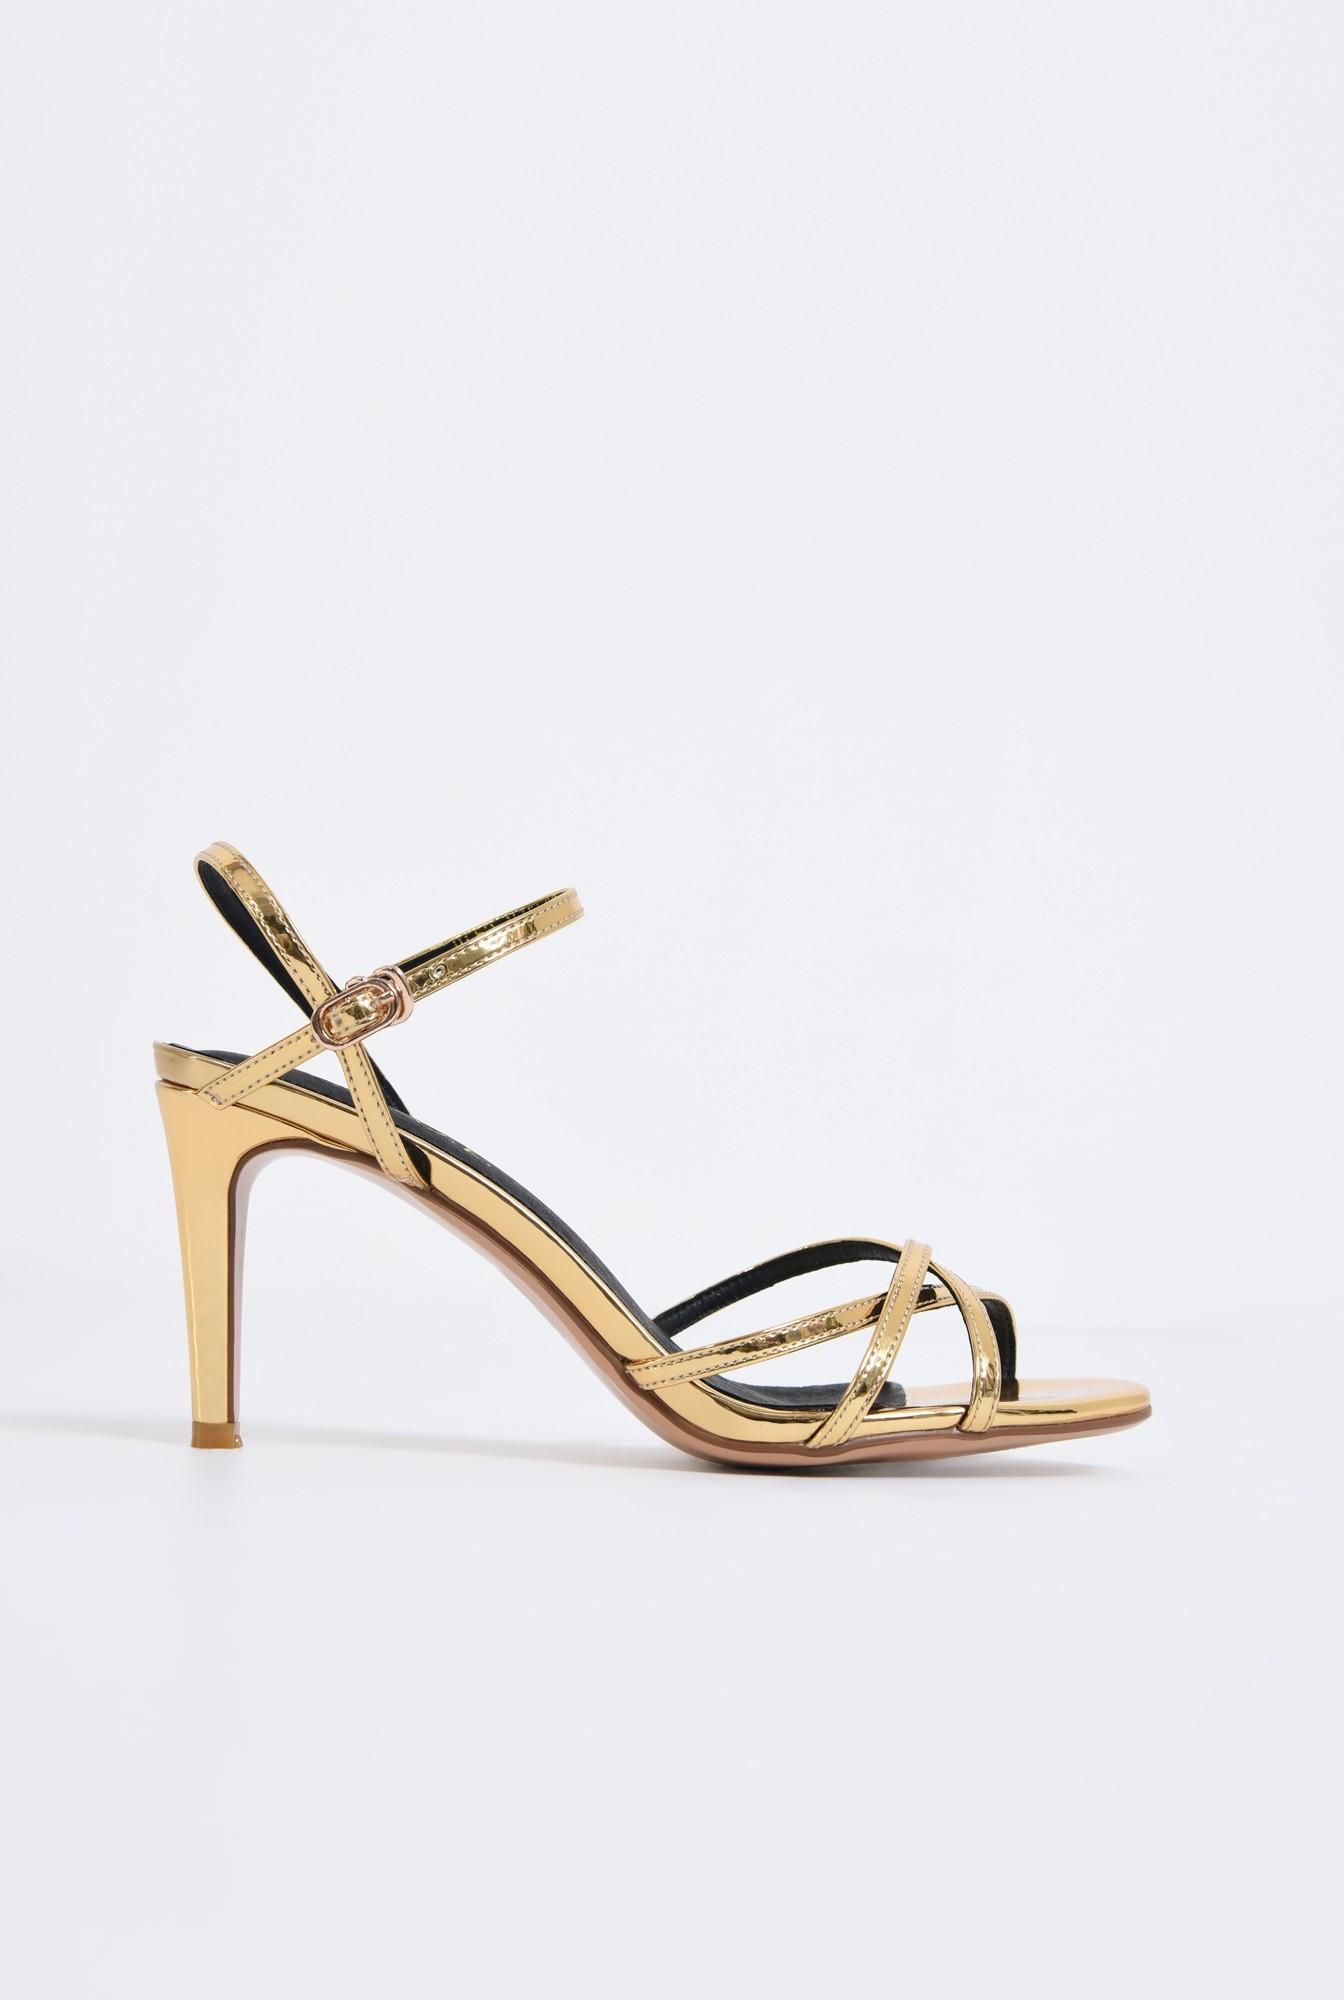 0 - sandale elegante, aurii, cu toc, aspect metalic